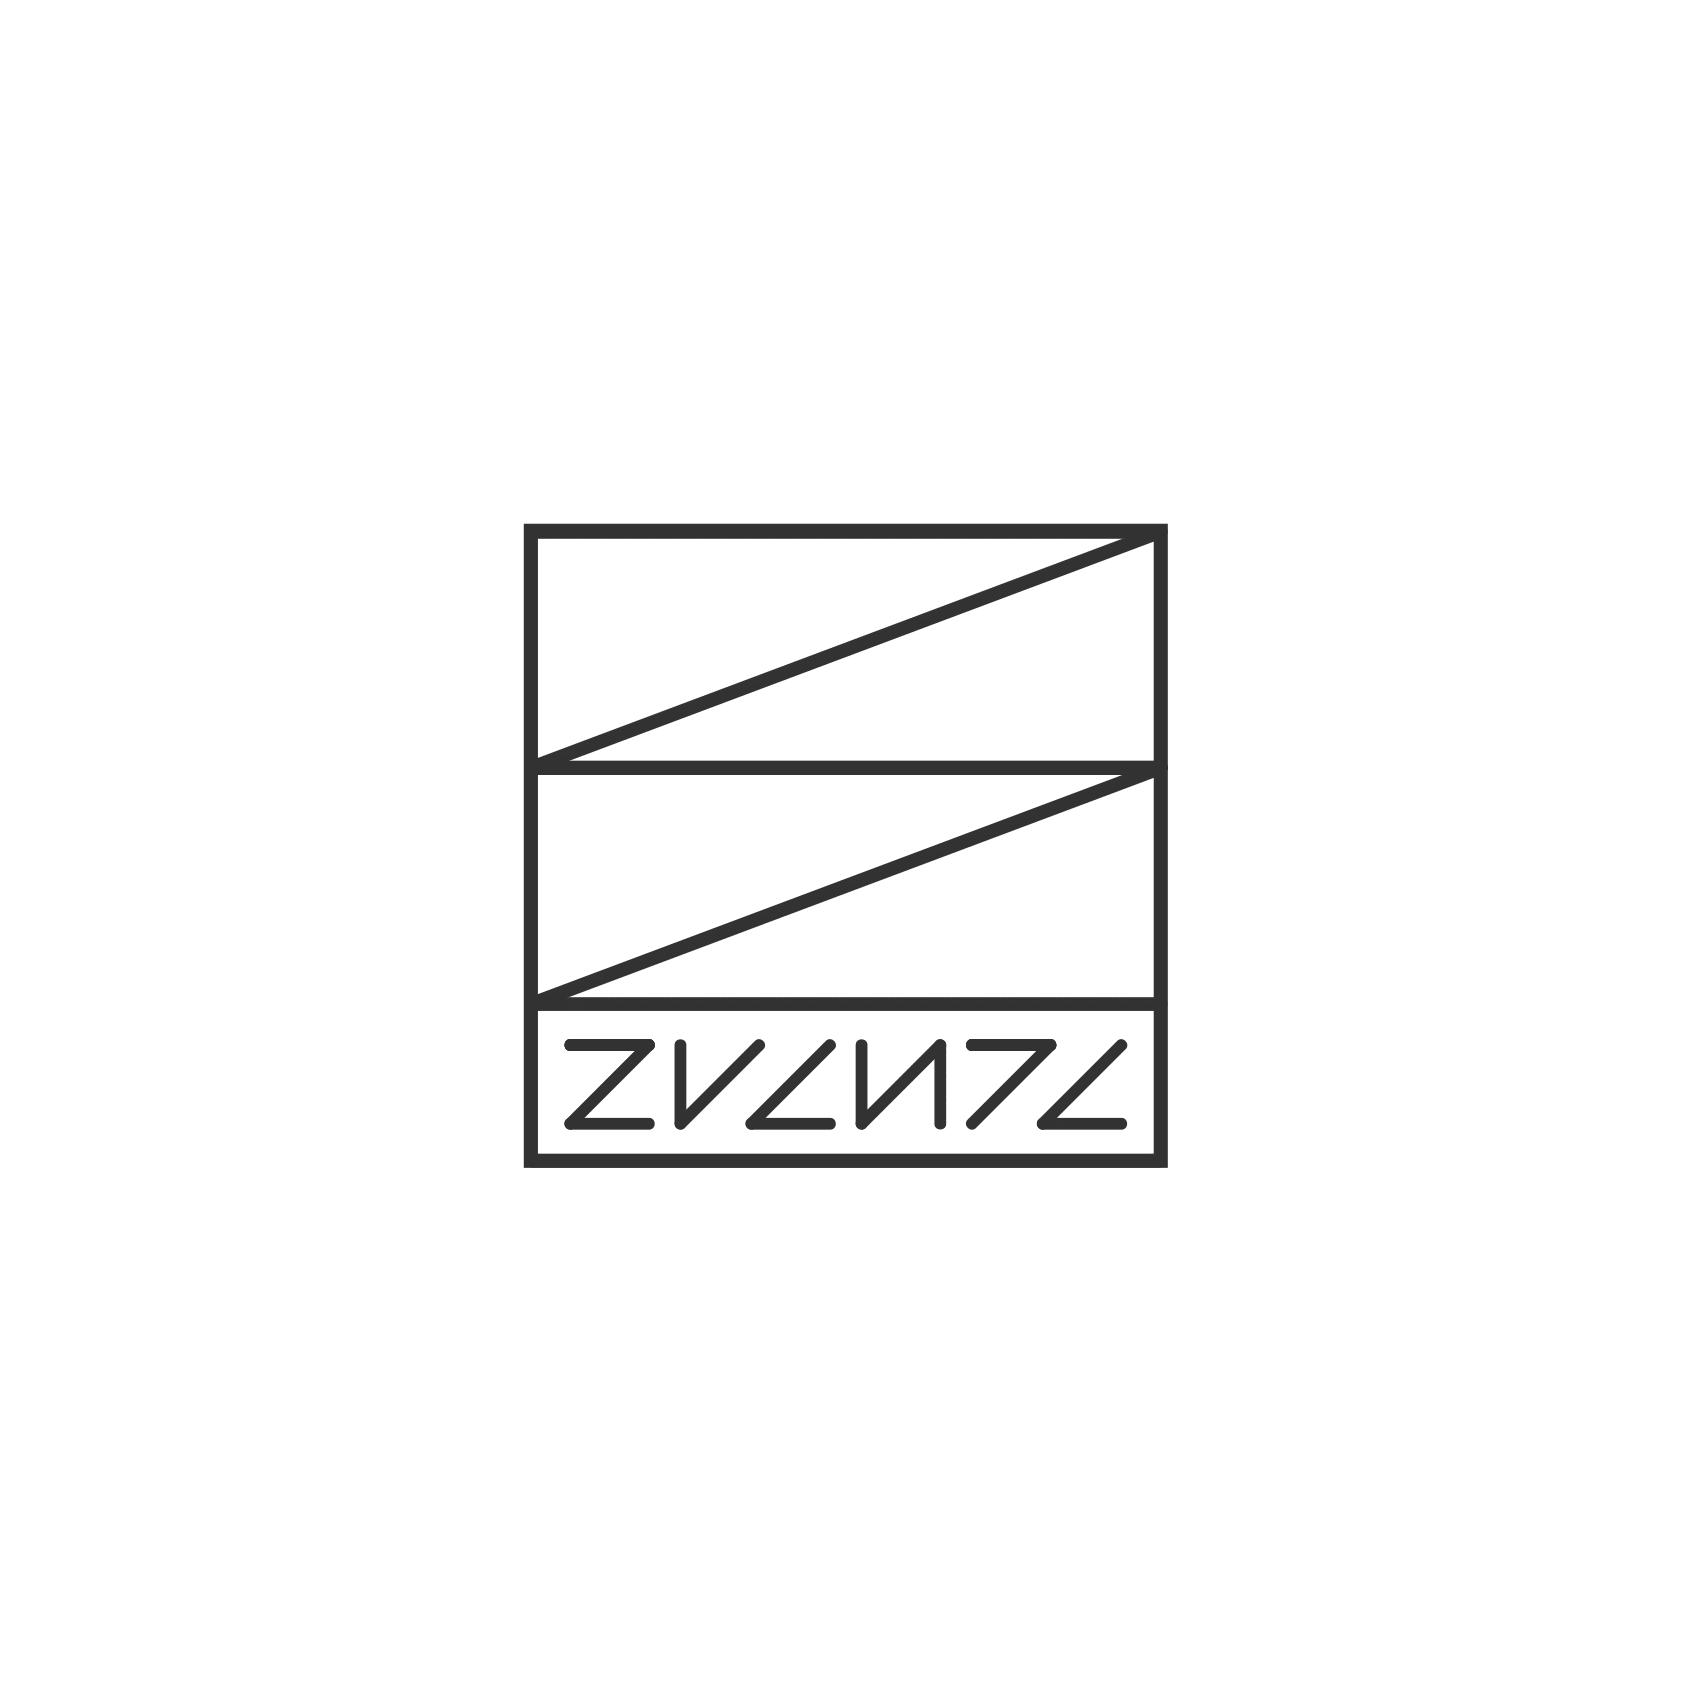 Zuende logo